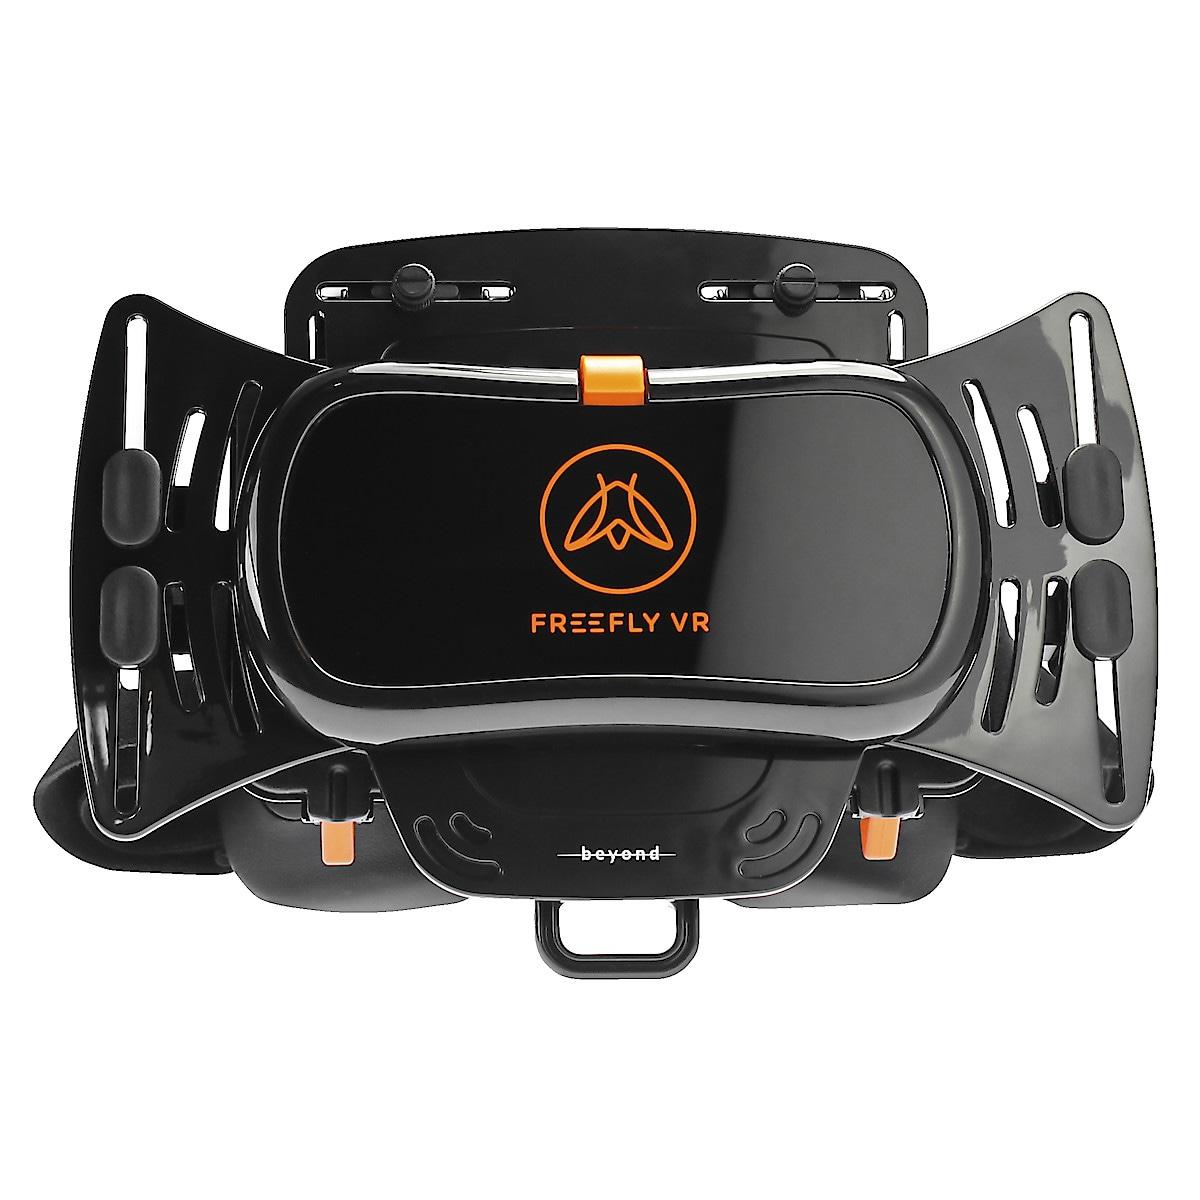 Freefly VR Beyond VR-briller til smartphone